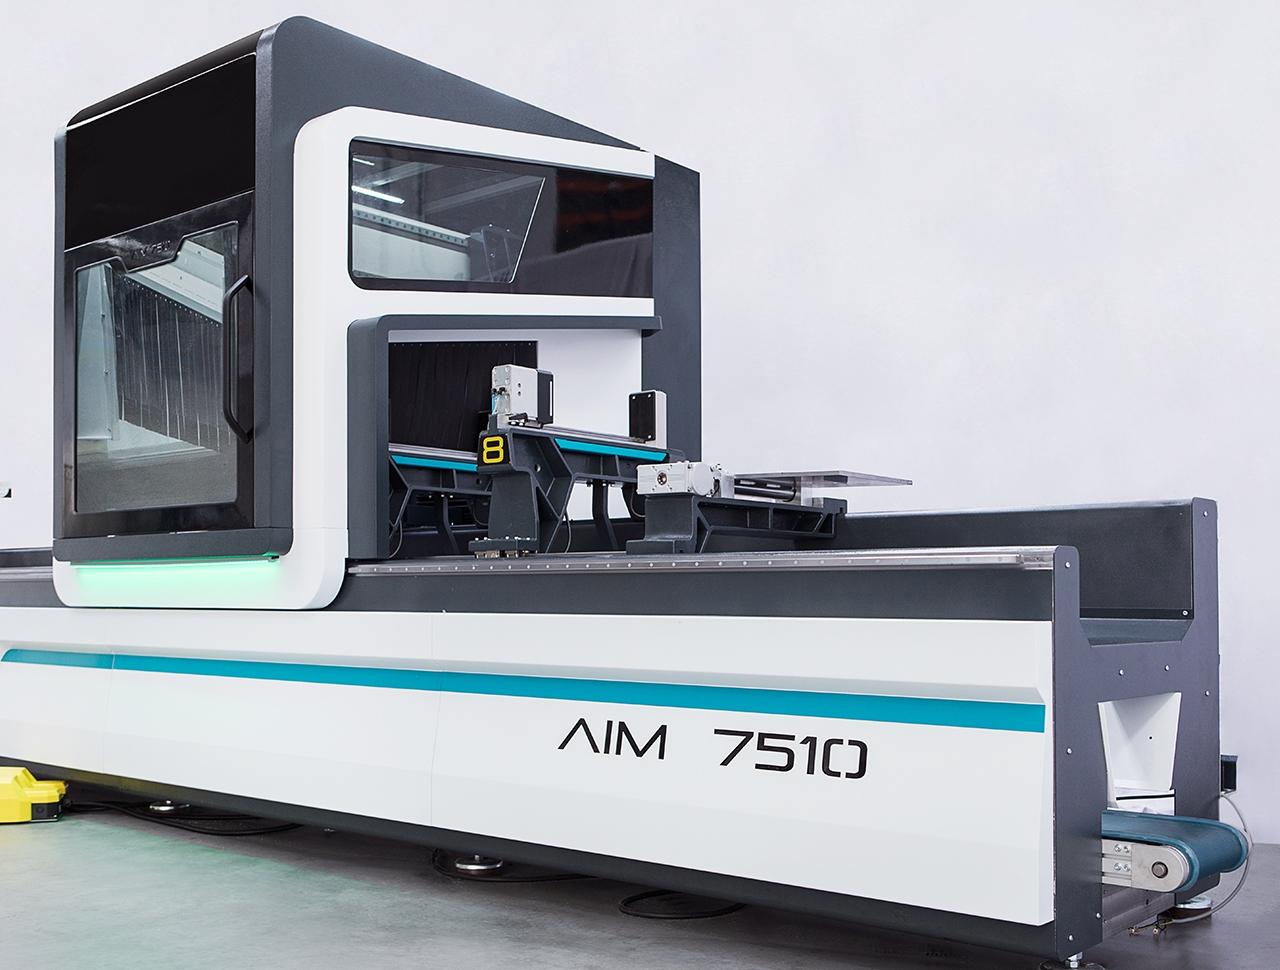 aim 7510 5 axes aluminium profile processing center cnc machine 2